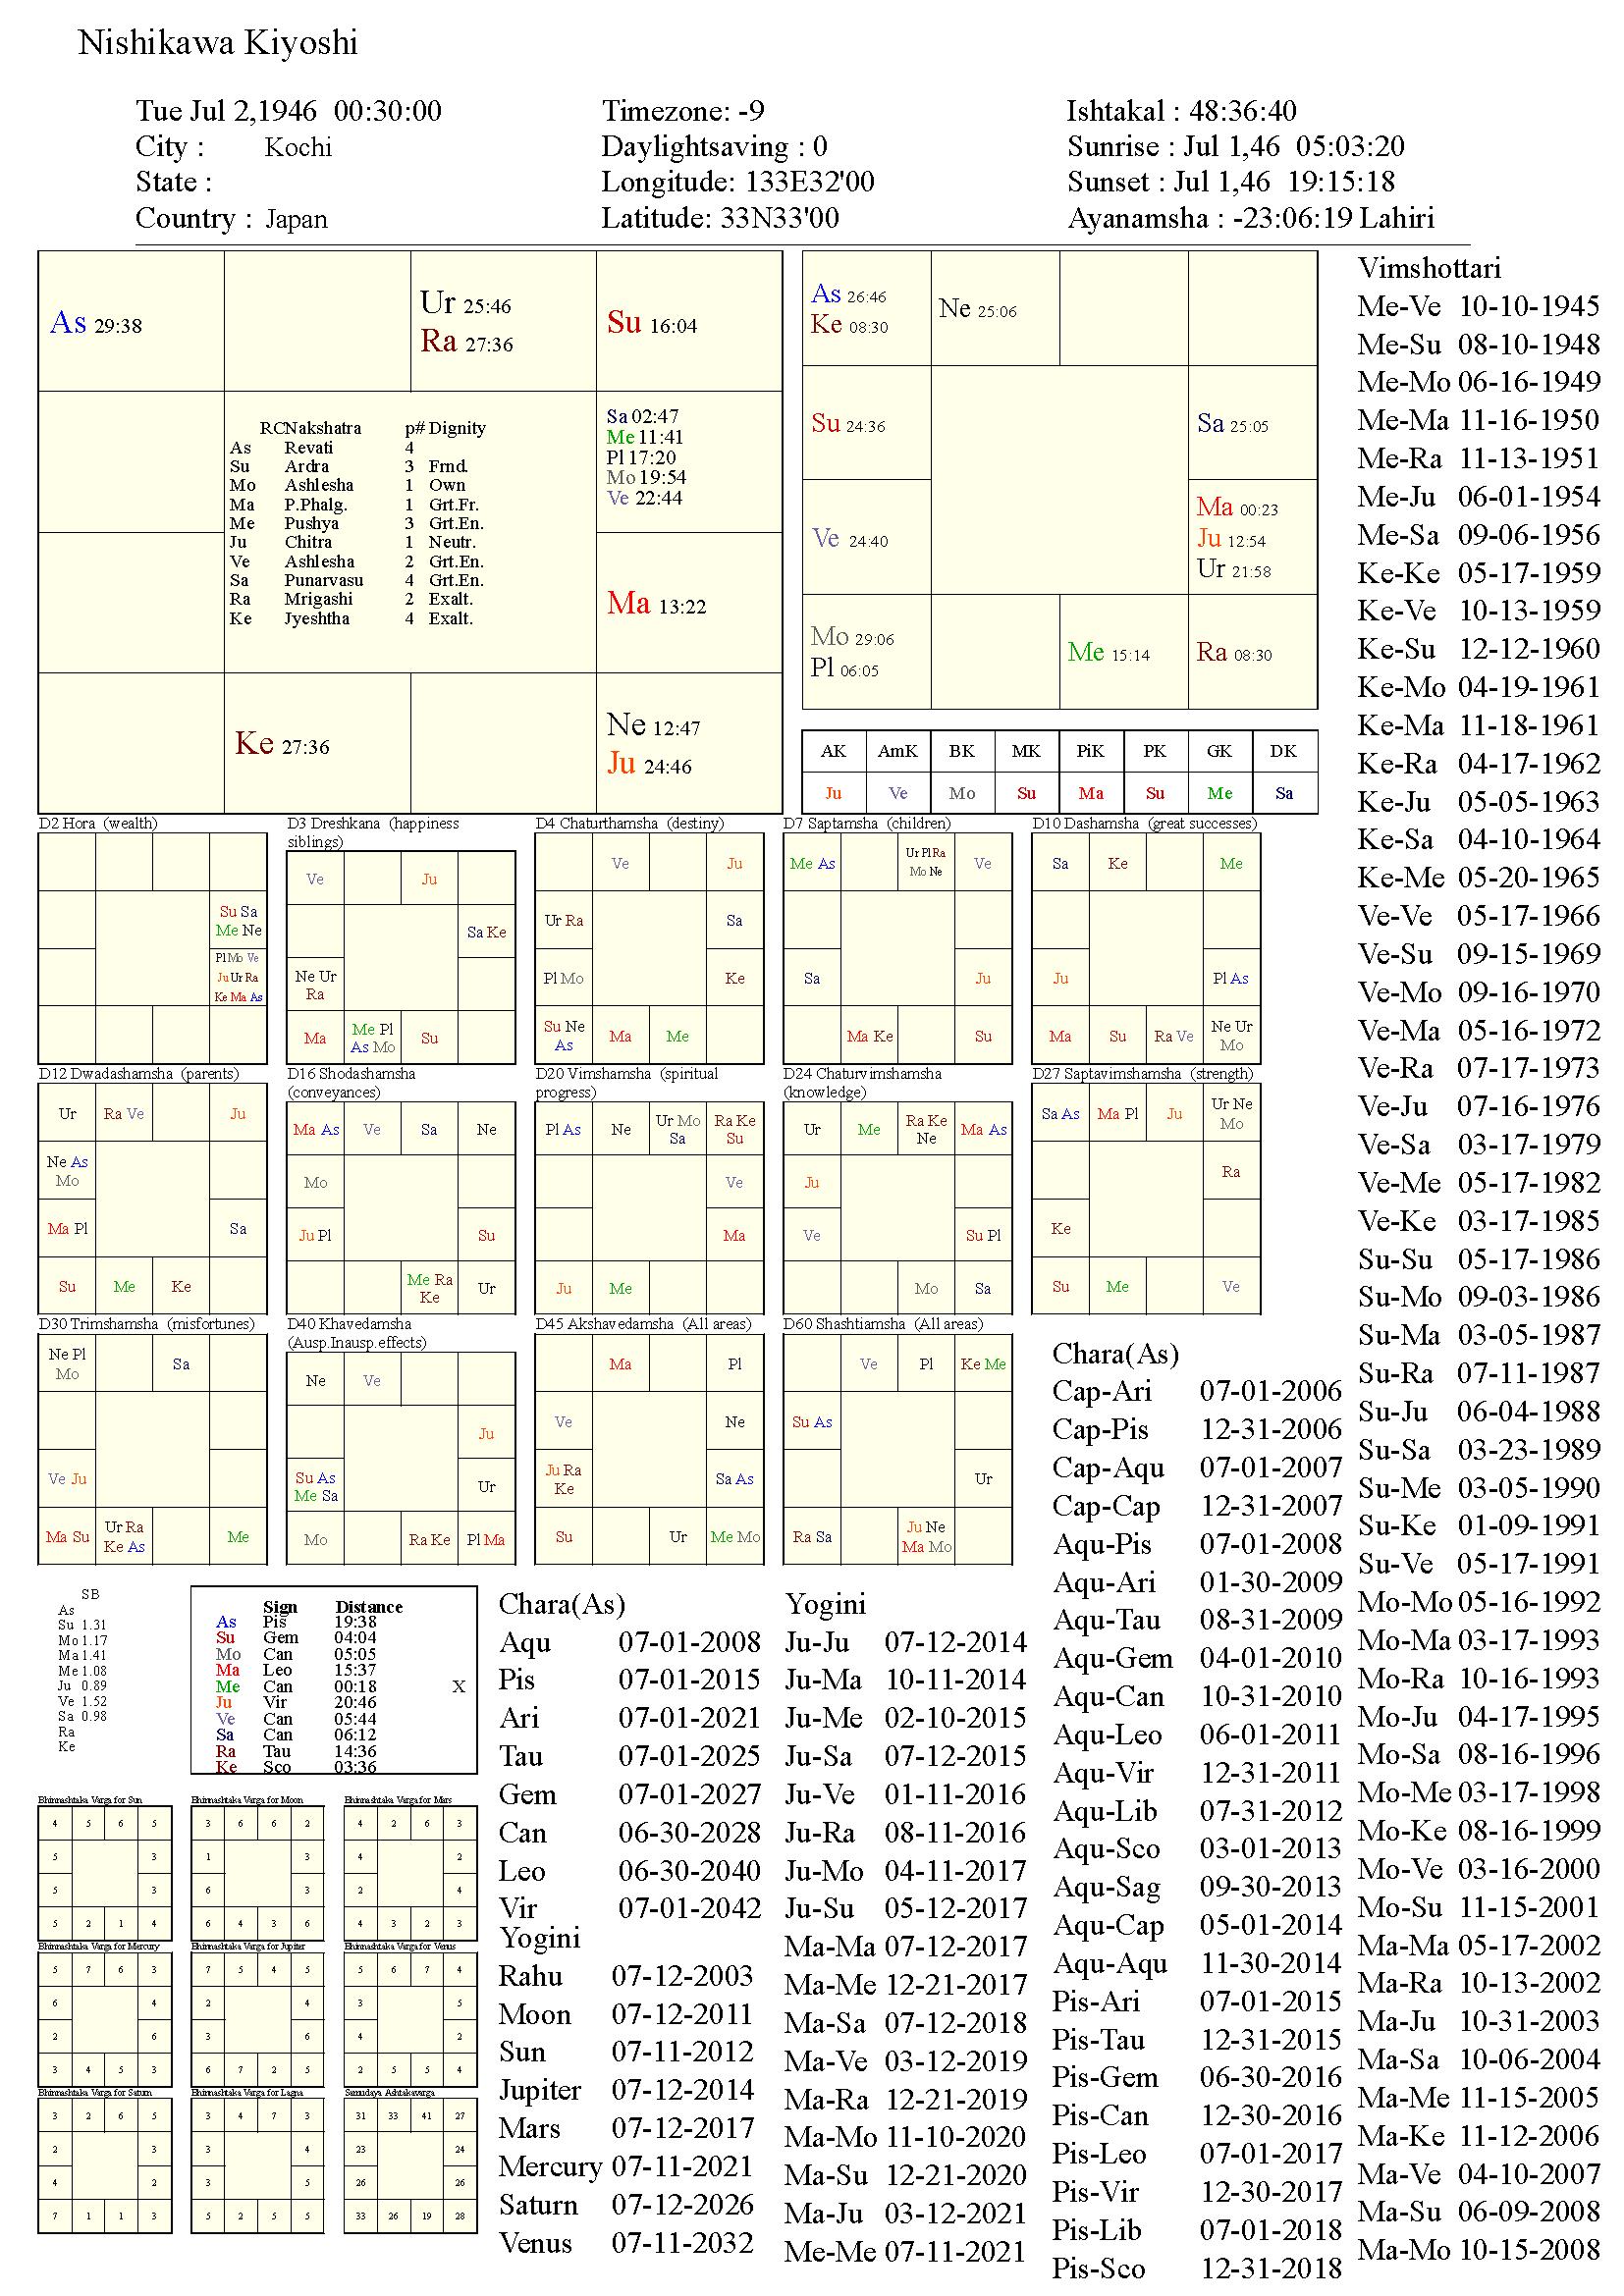 nishikawakiyoshi_chart